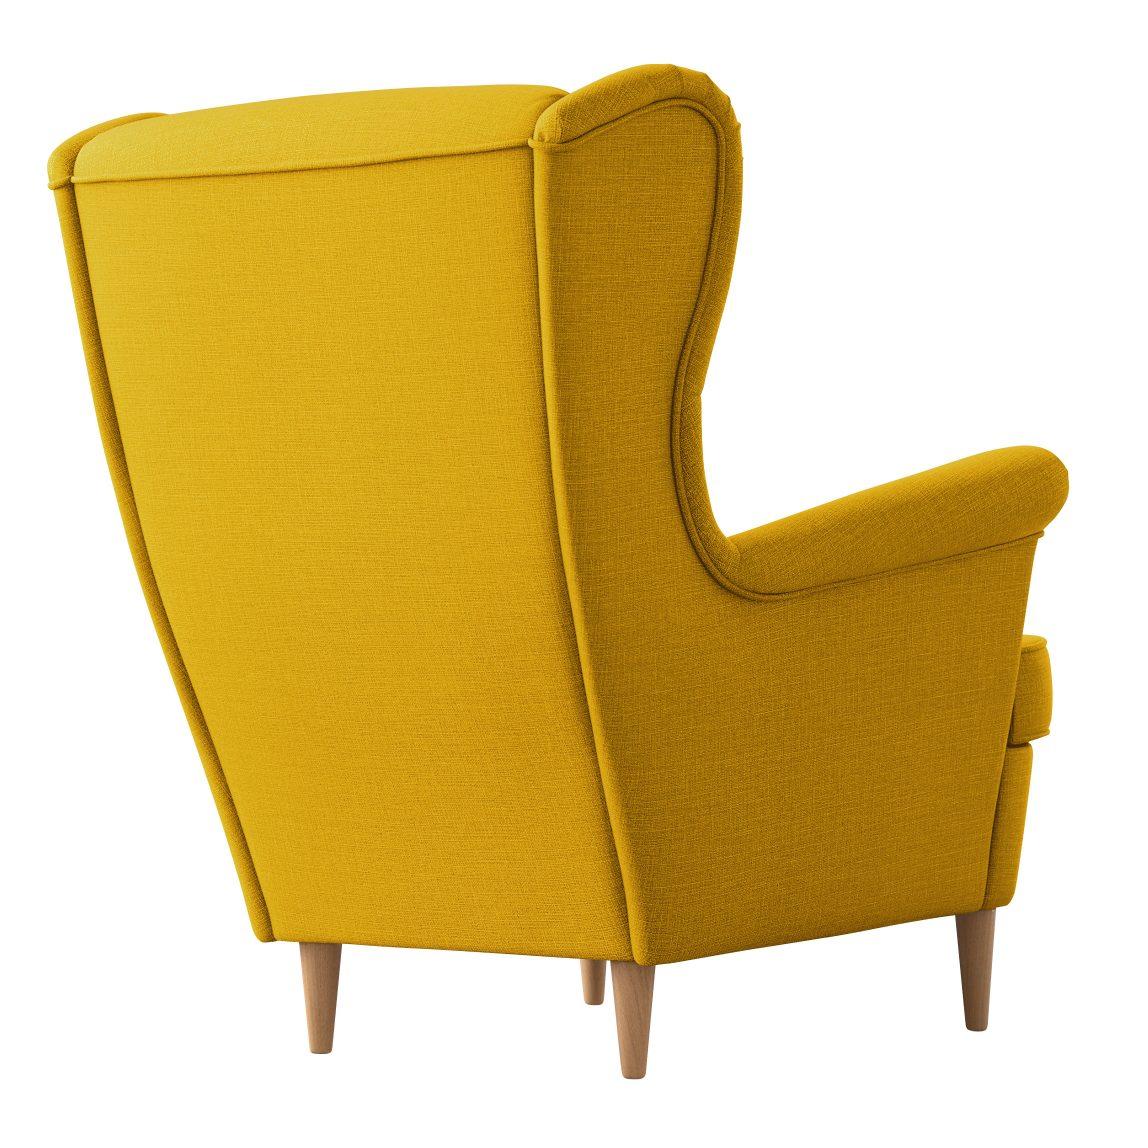 Желтое кресло с высокой спинкой Strandmon икея ikea